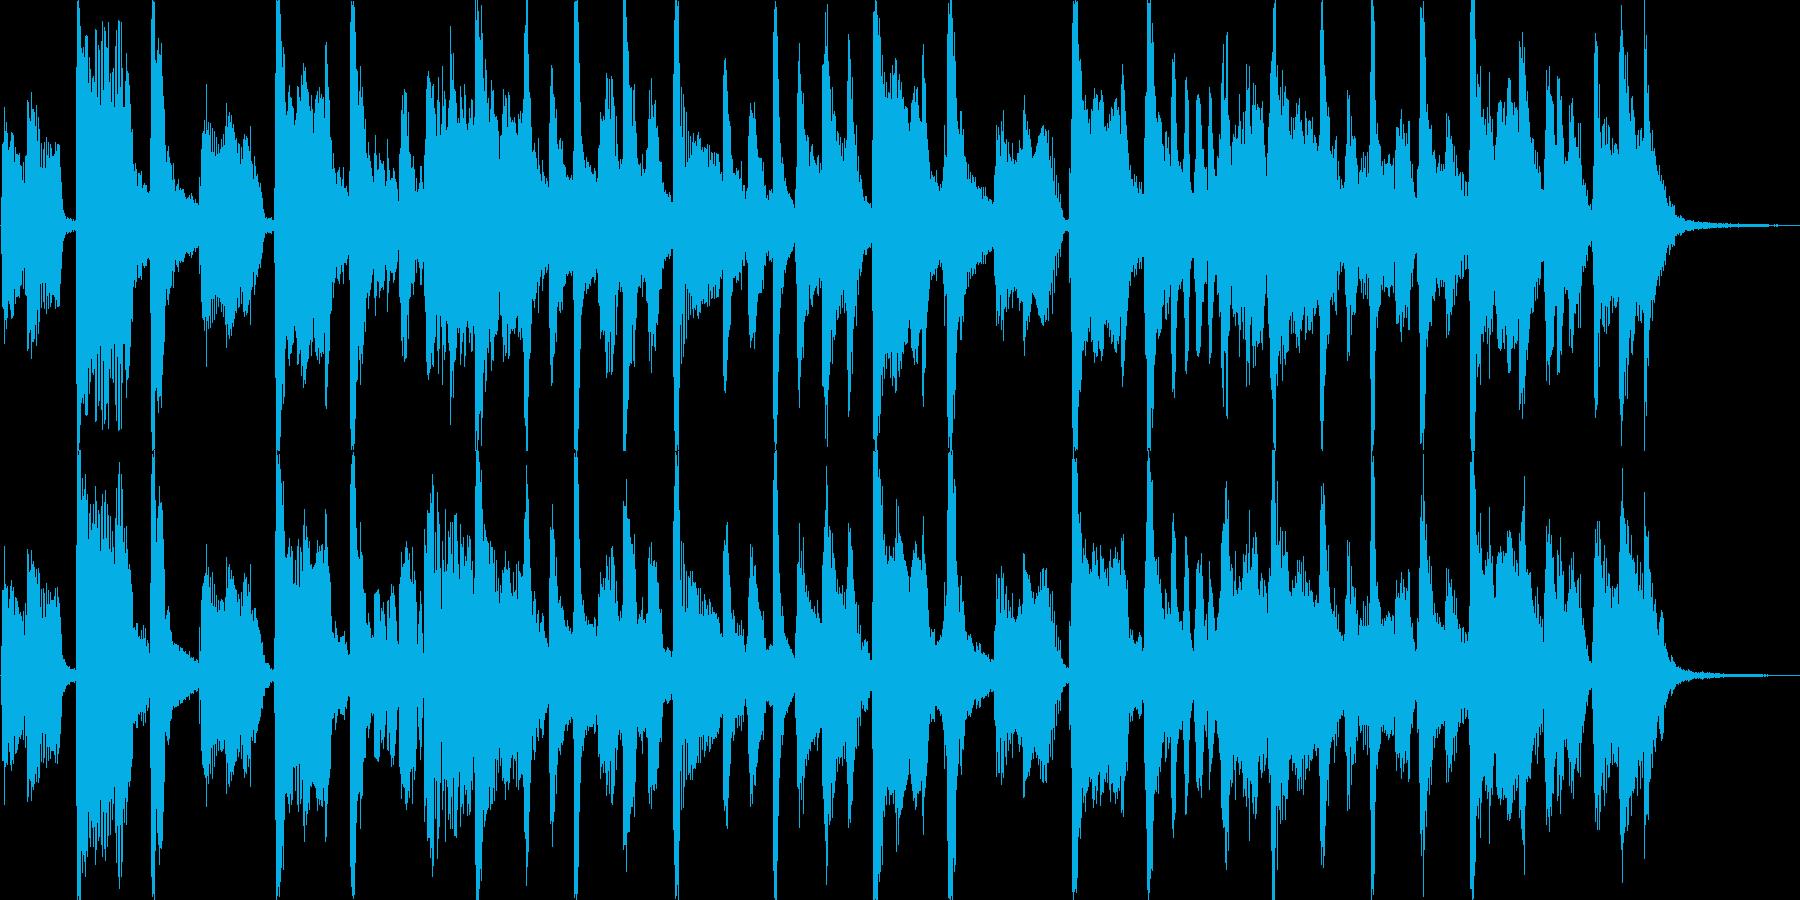 キーボードメインの軽快なロック風ジングルの再生済みの波形